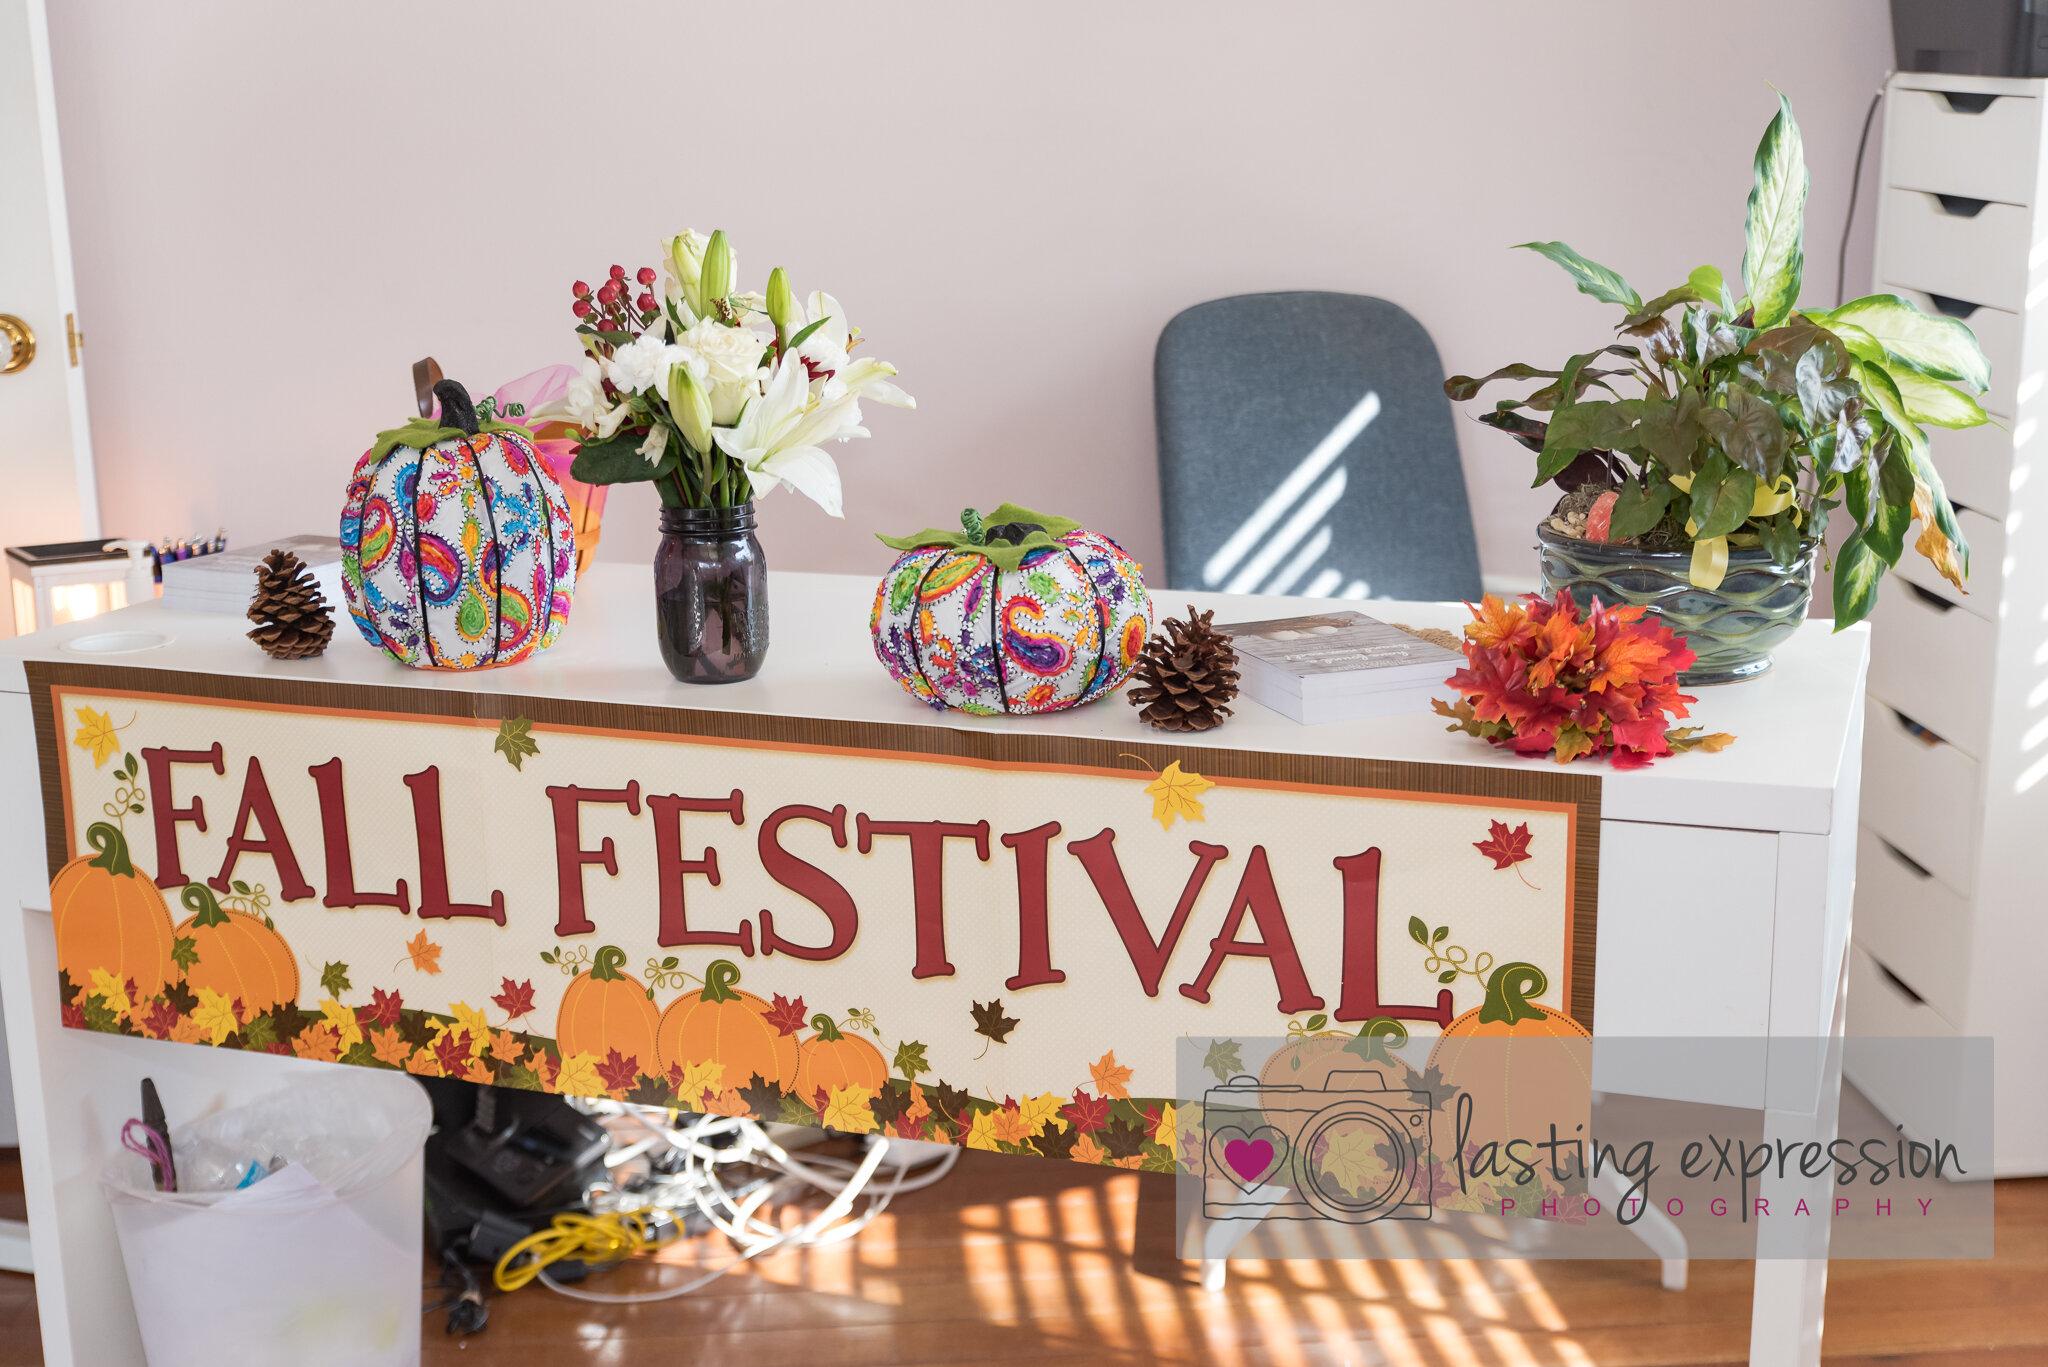 fallfestival-2019-logo-10.jpg